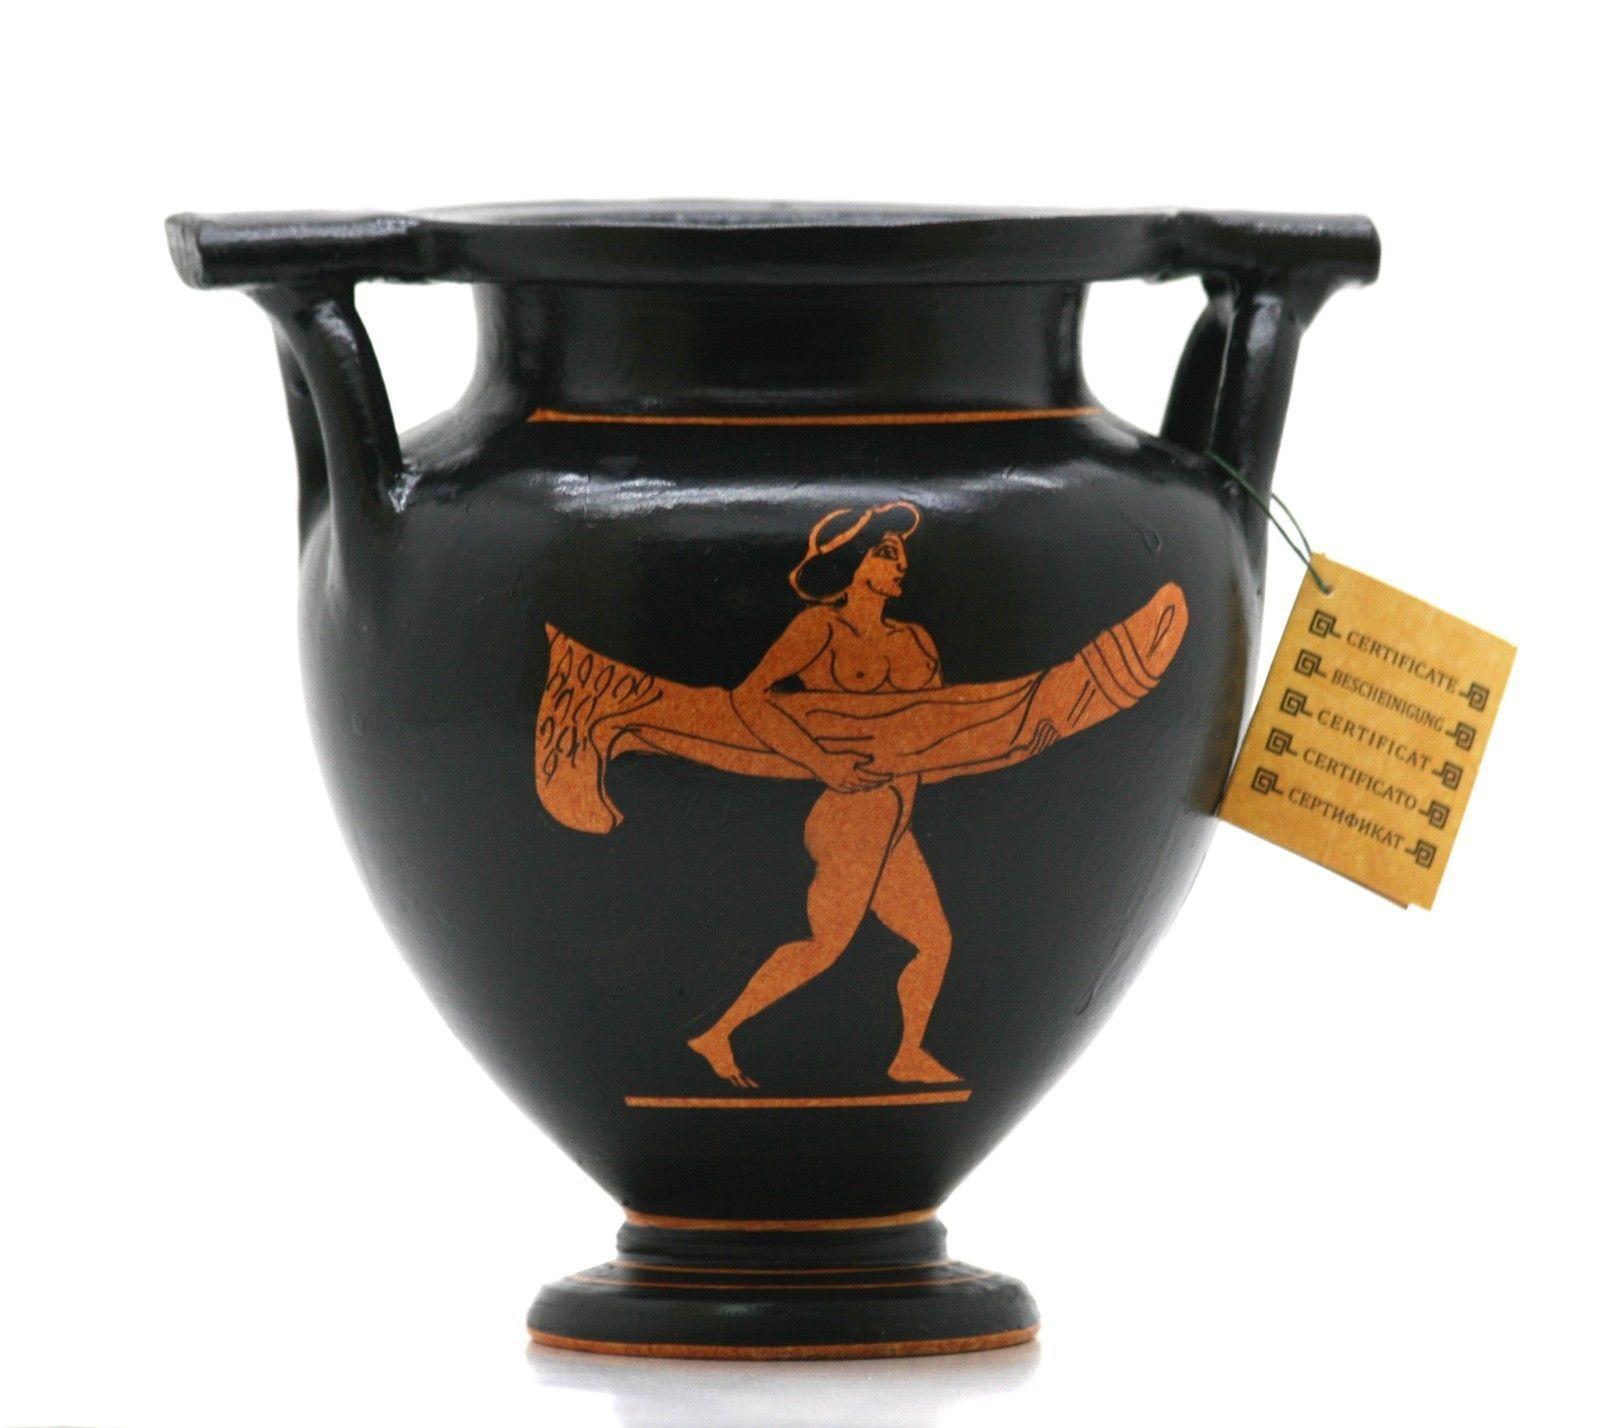 Falo pene cráter antiguo griego cerámica jarrón de cerámica de arte eróticas